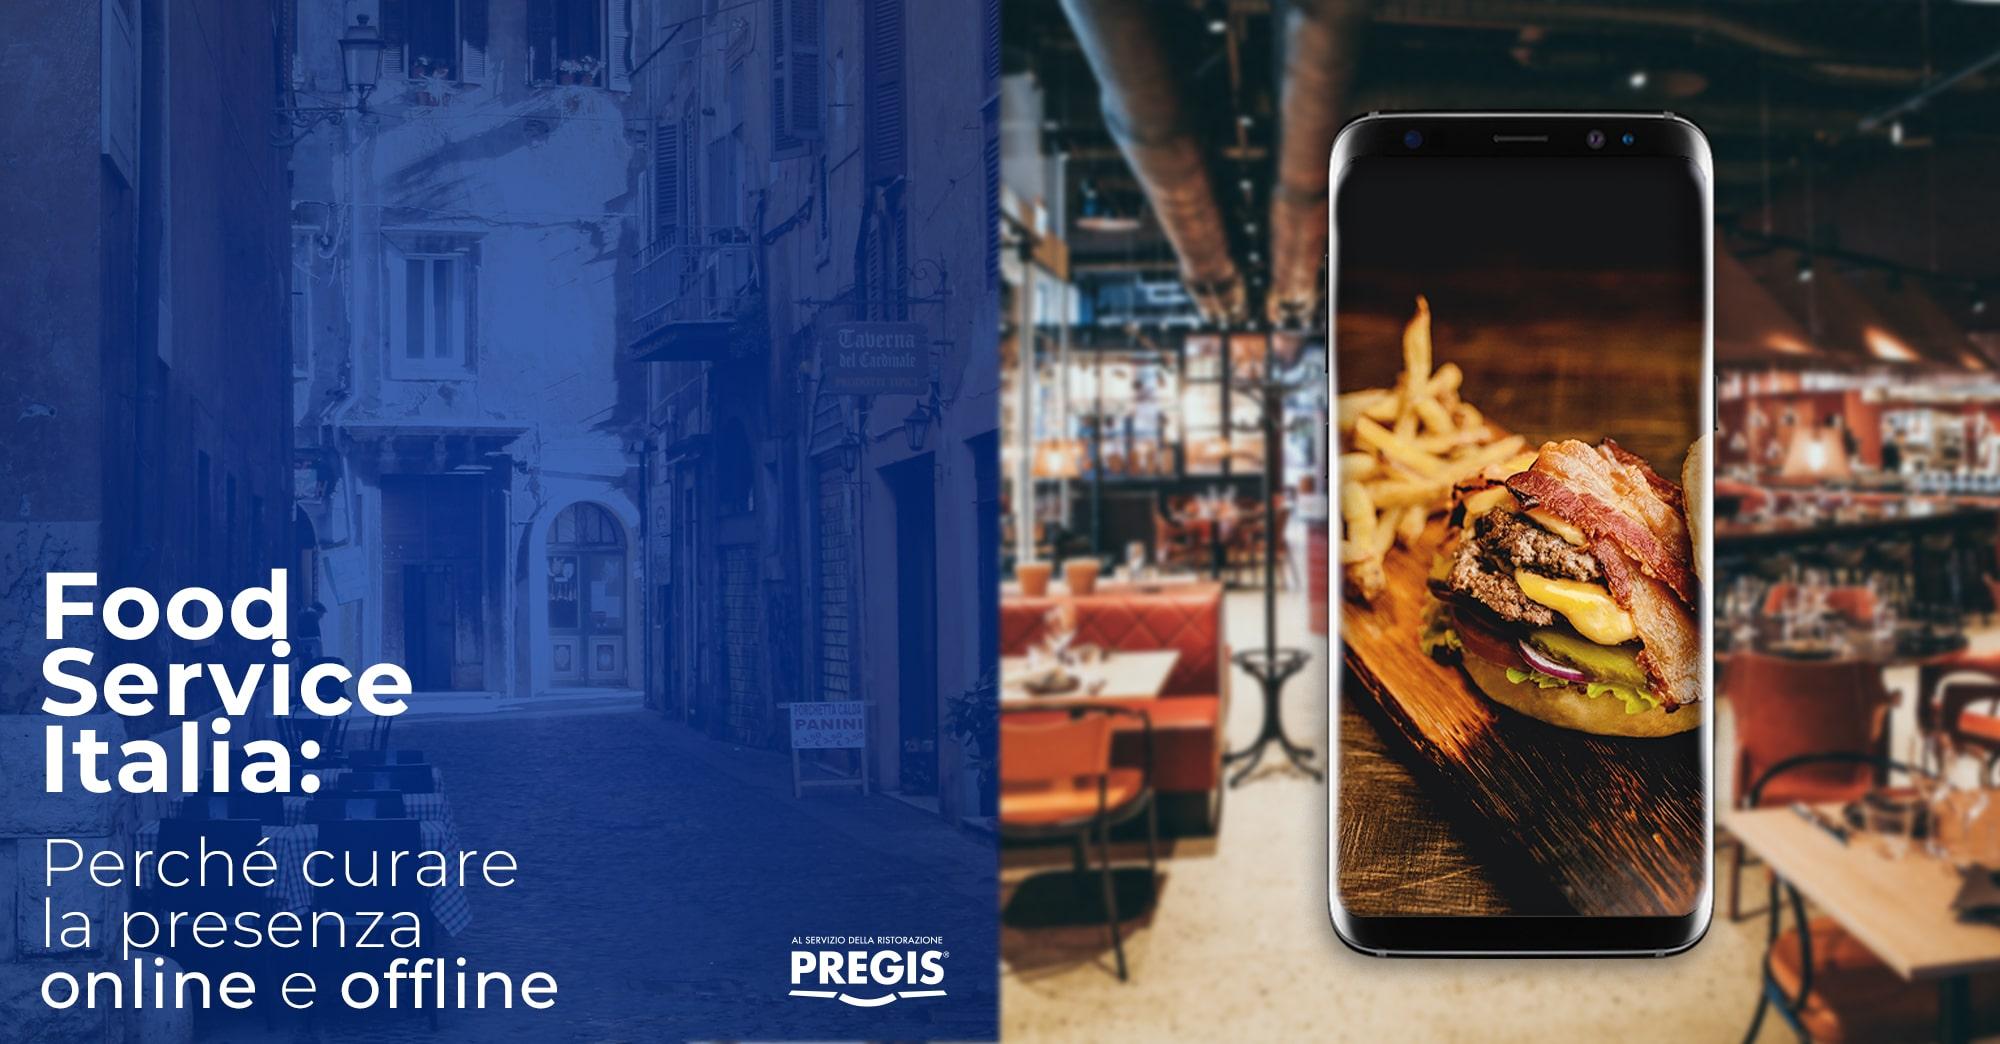 Food Service Italia: perché curare la presenza online e offline